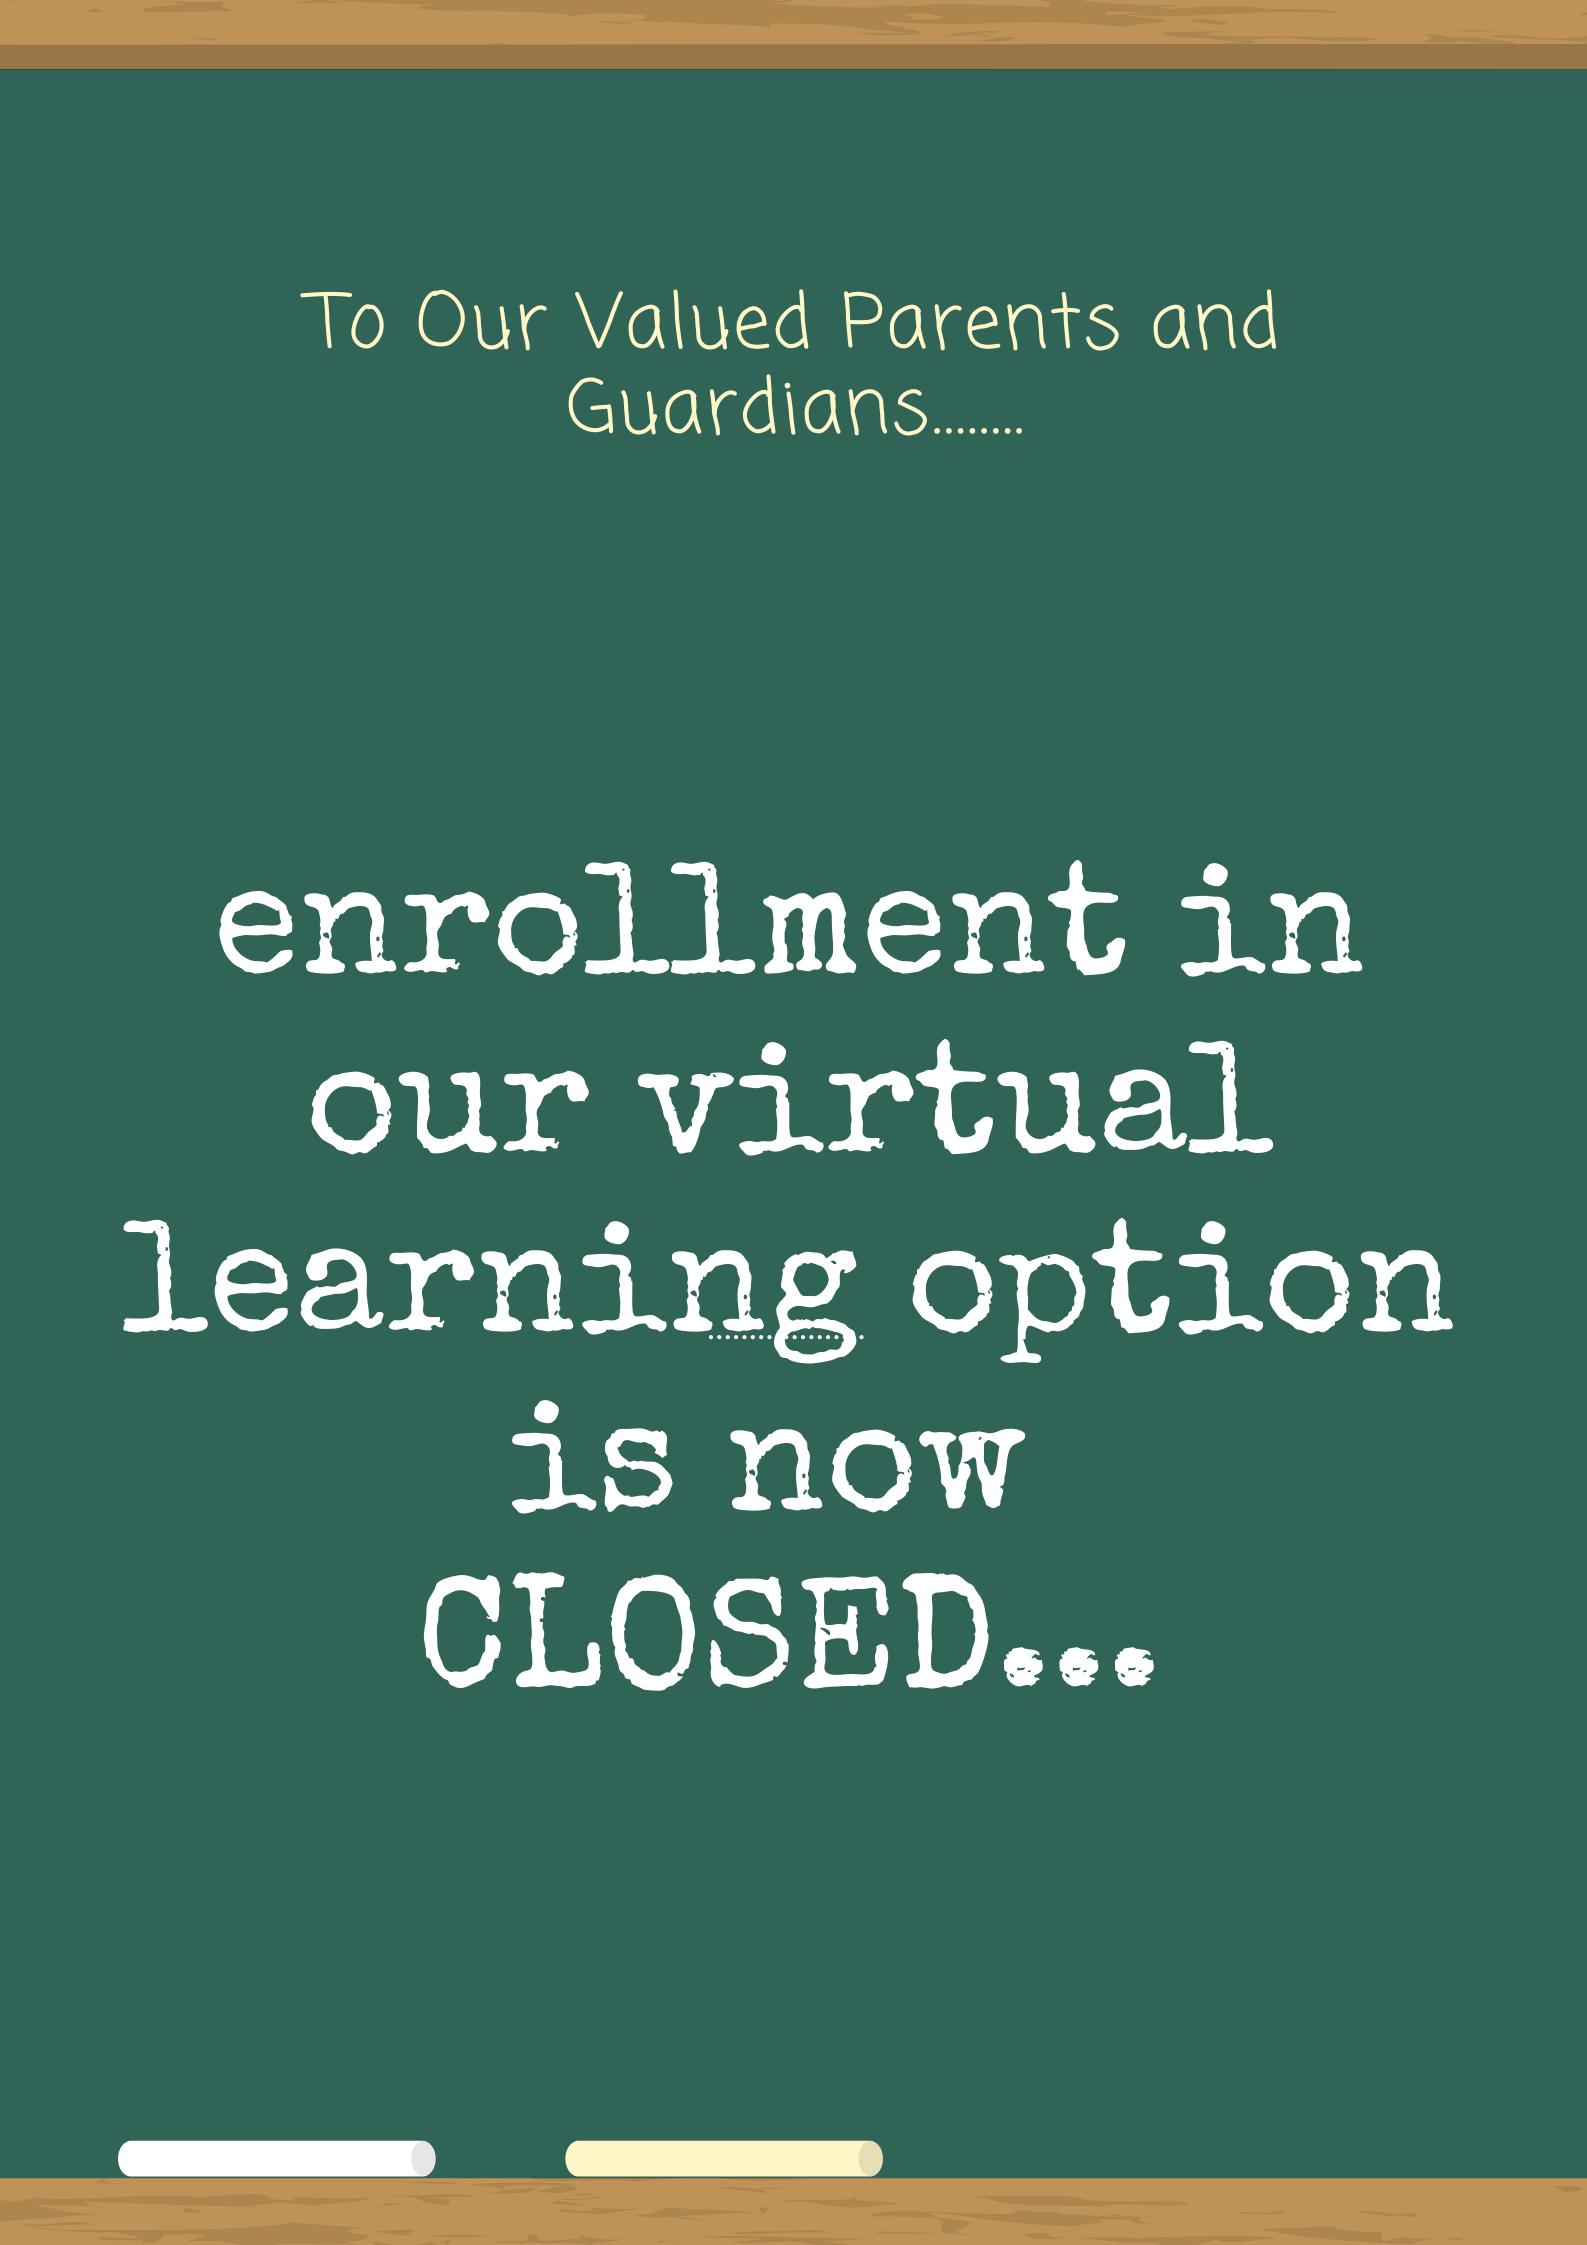 Closed Enrollment